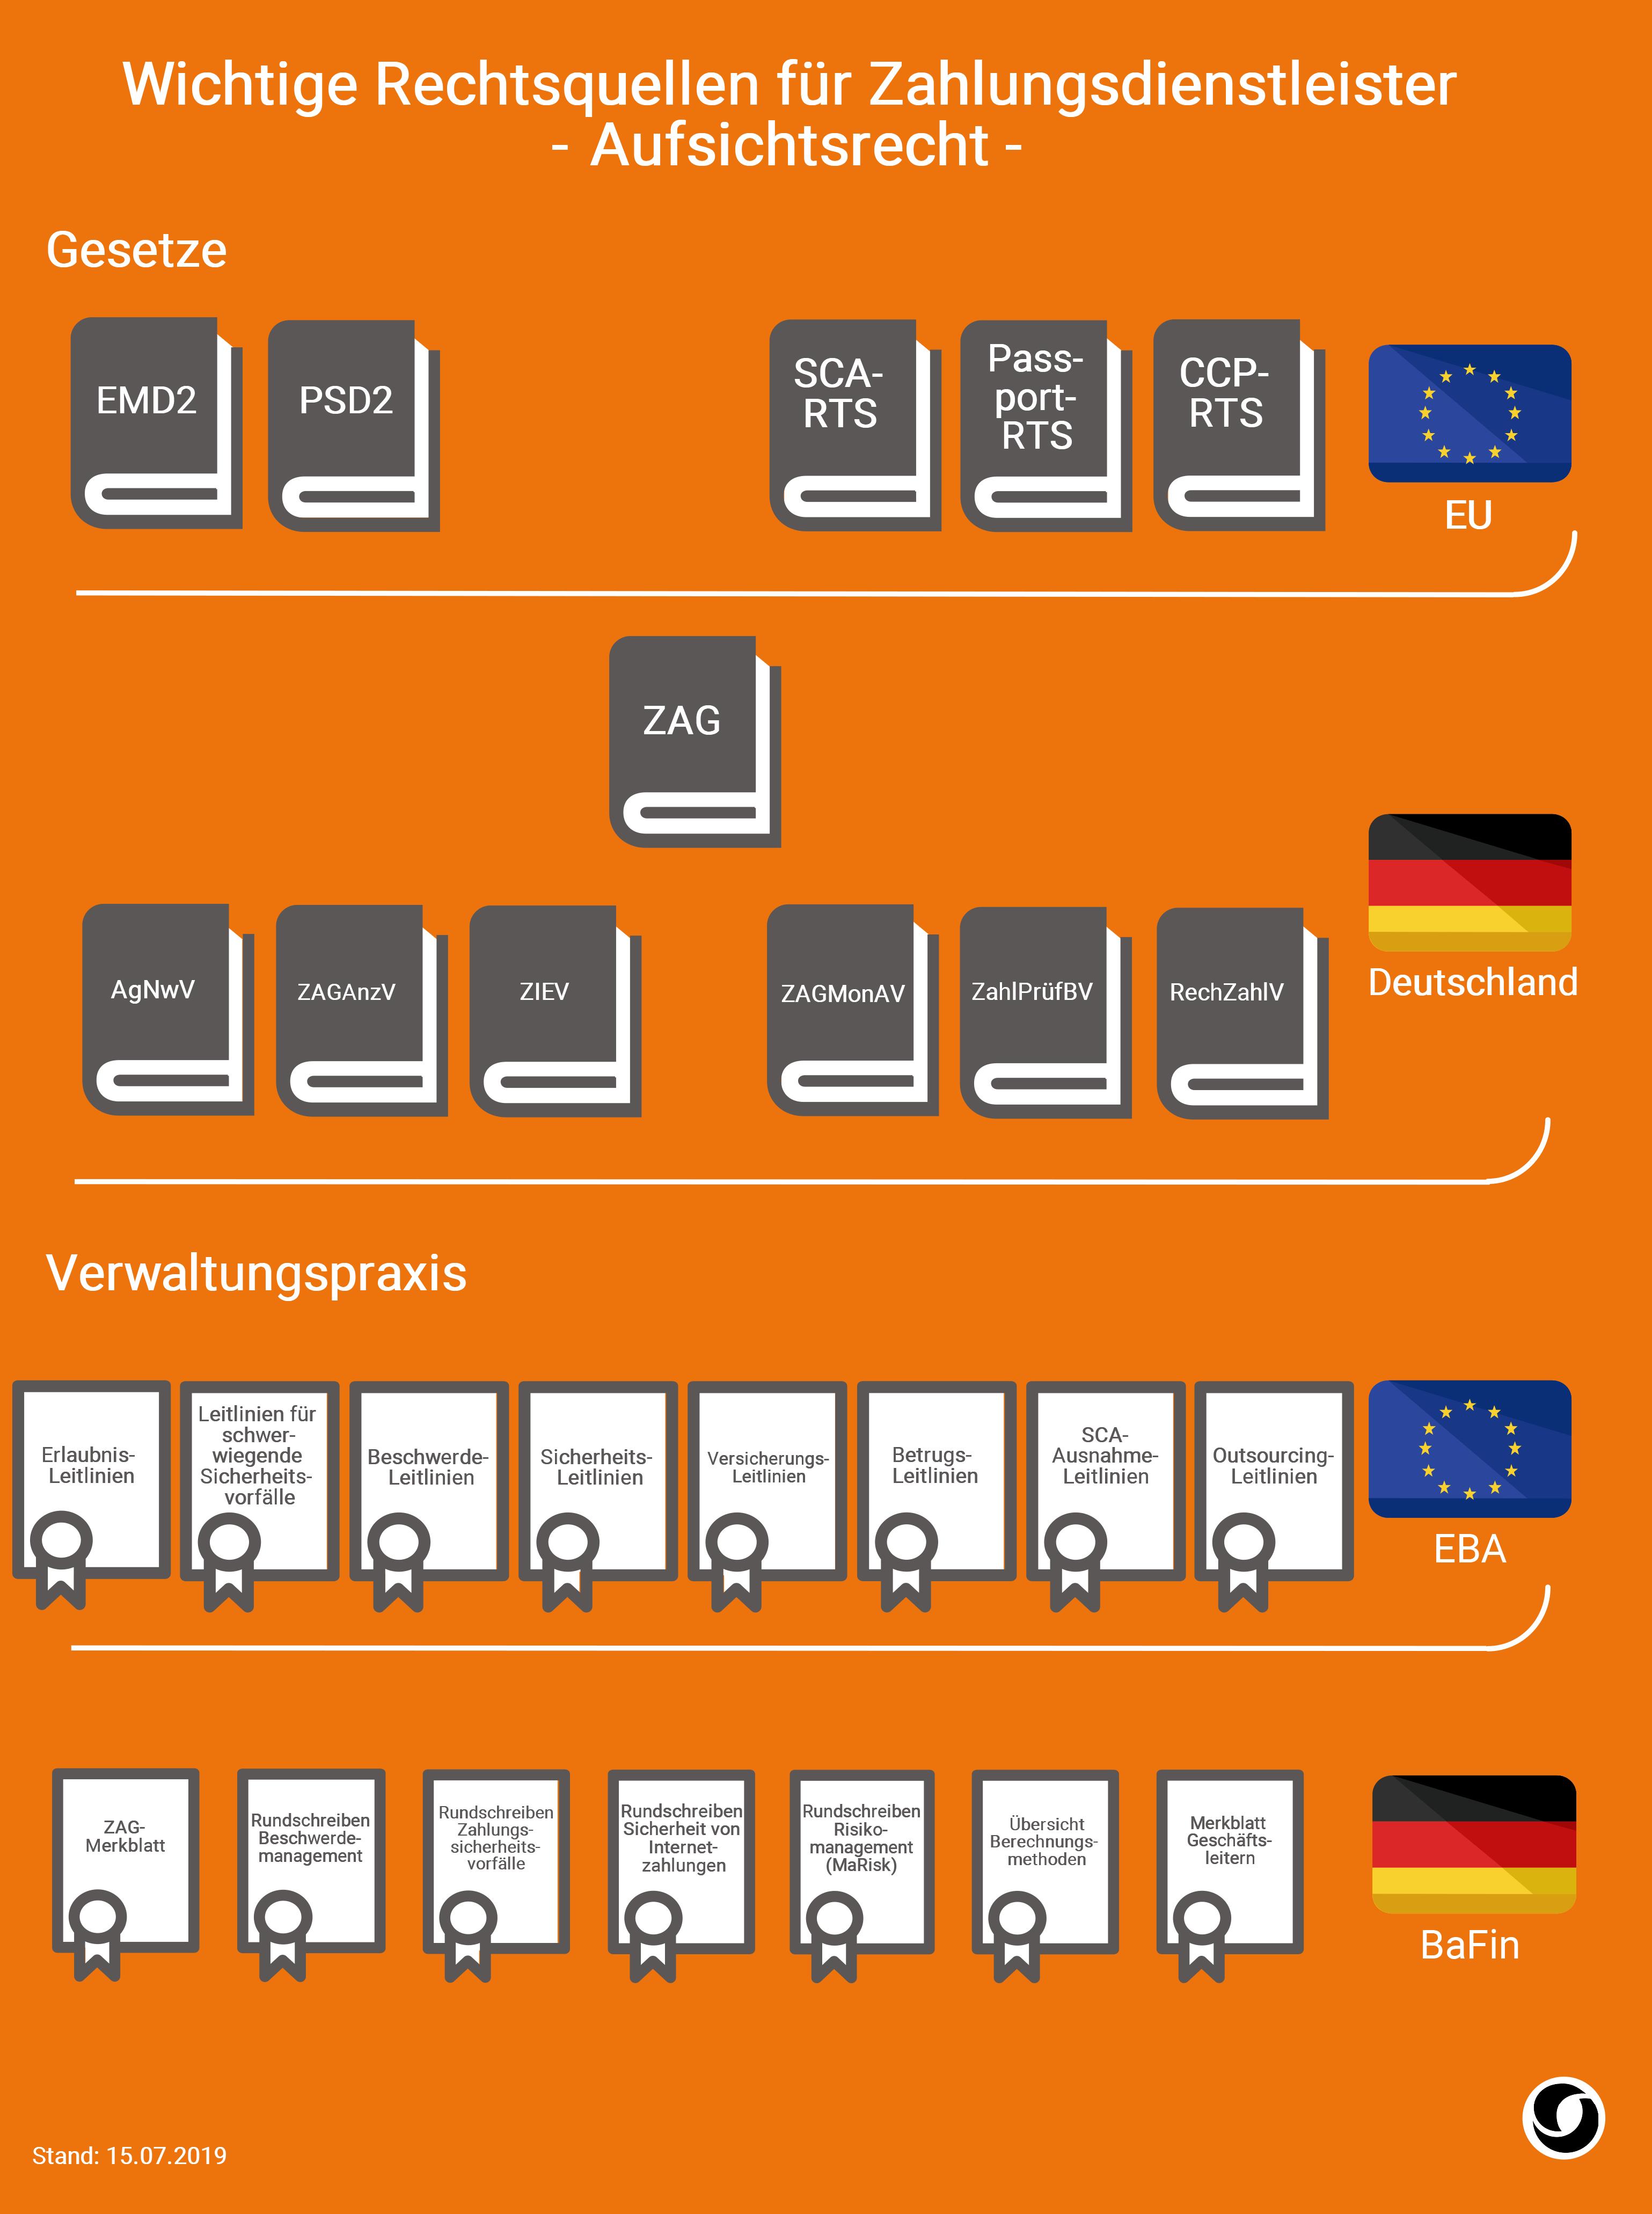 Infografik: Wichtige Rechtsquellen für Zahlungsdienstleister im Aufsichtsrecht   PayTechLaw